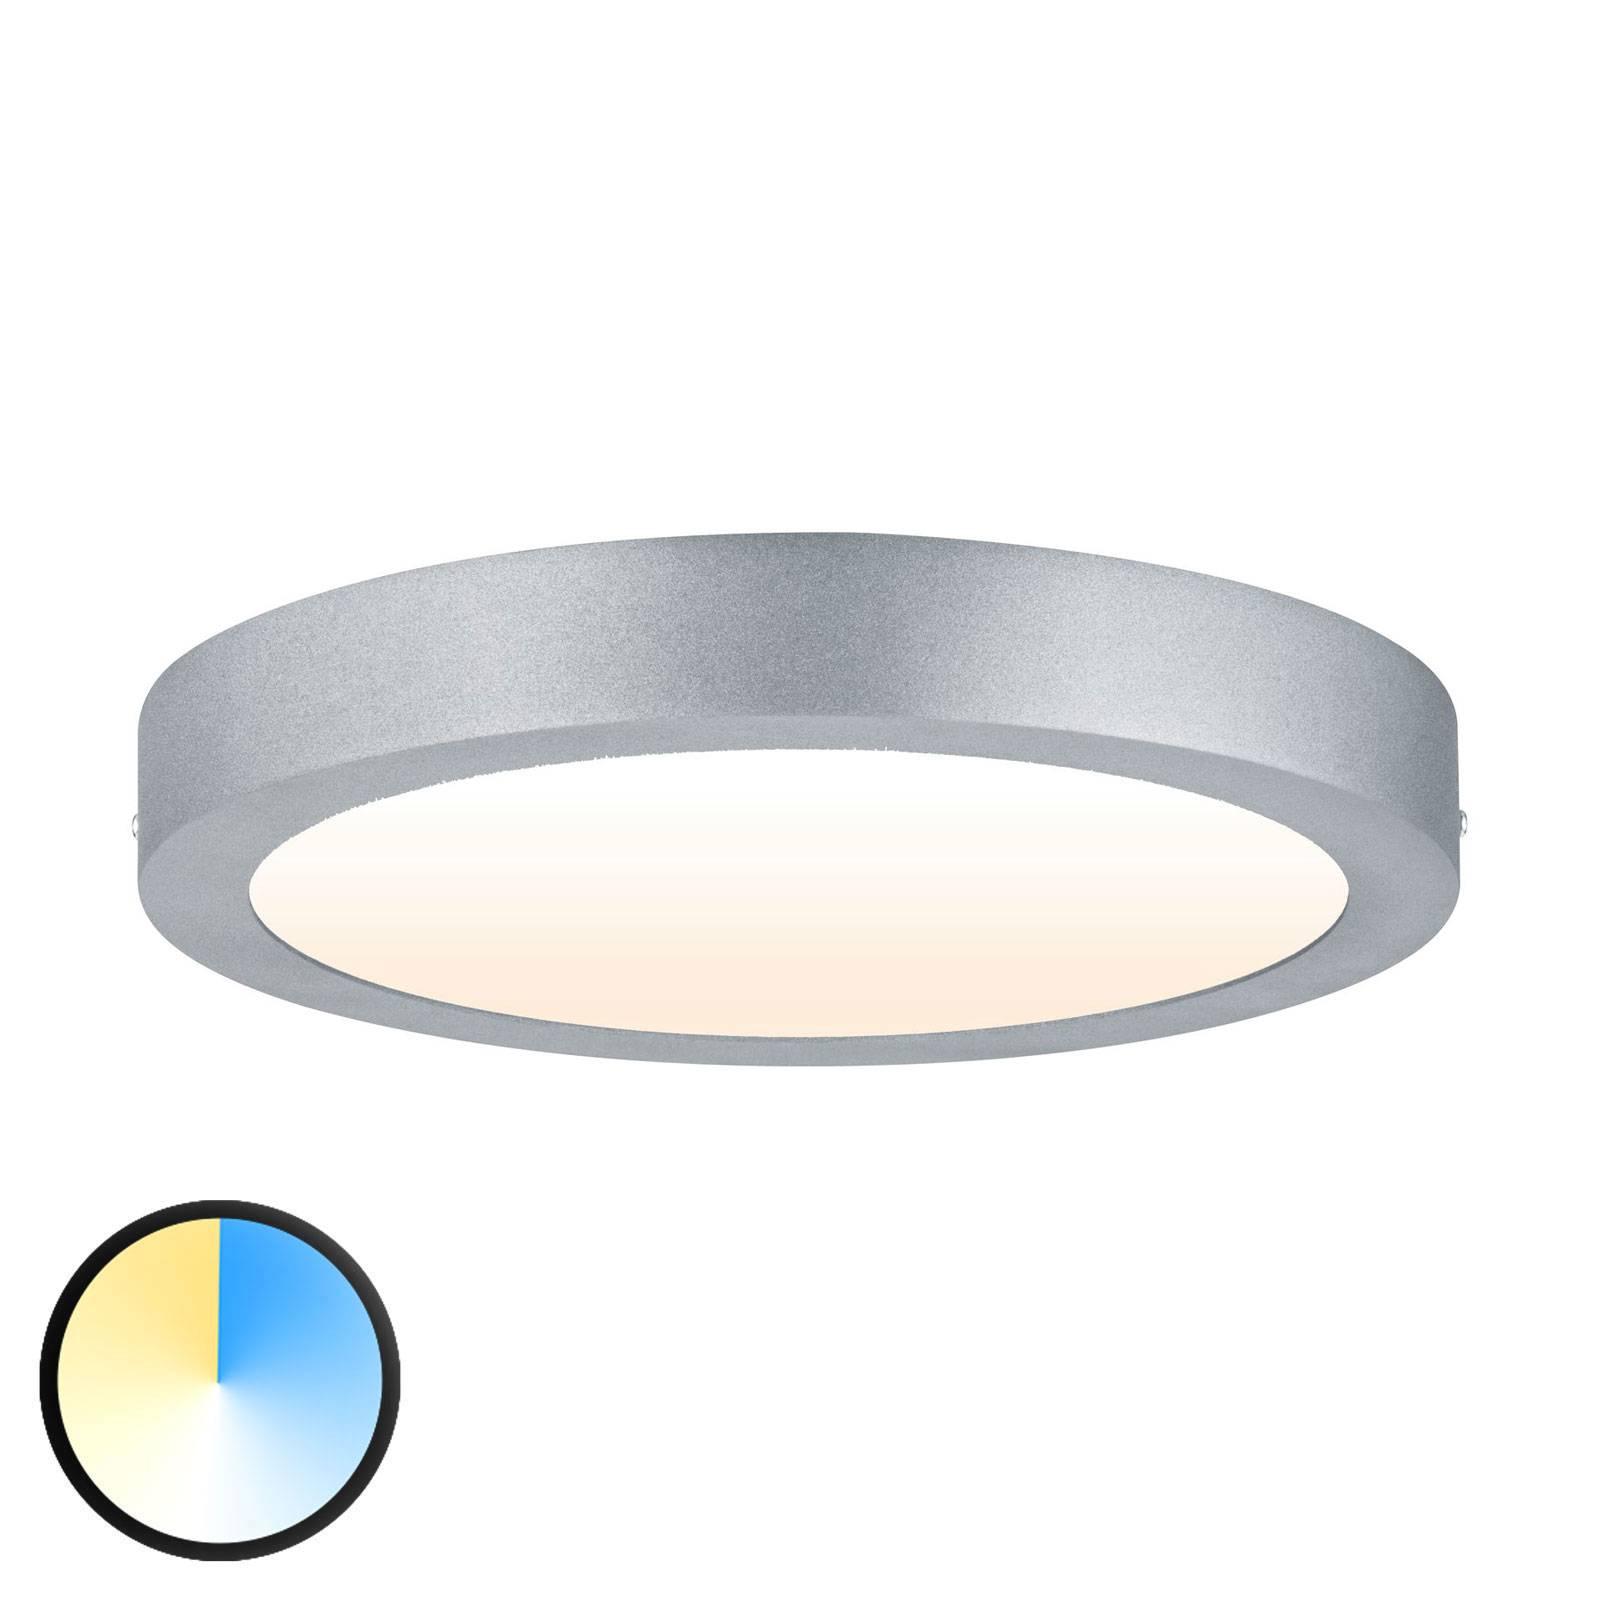 Paulmann Carpo lampa sufitowa LED chrom 30cm